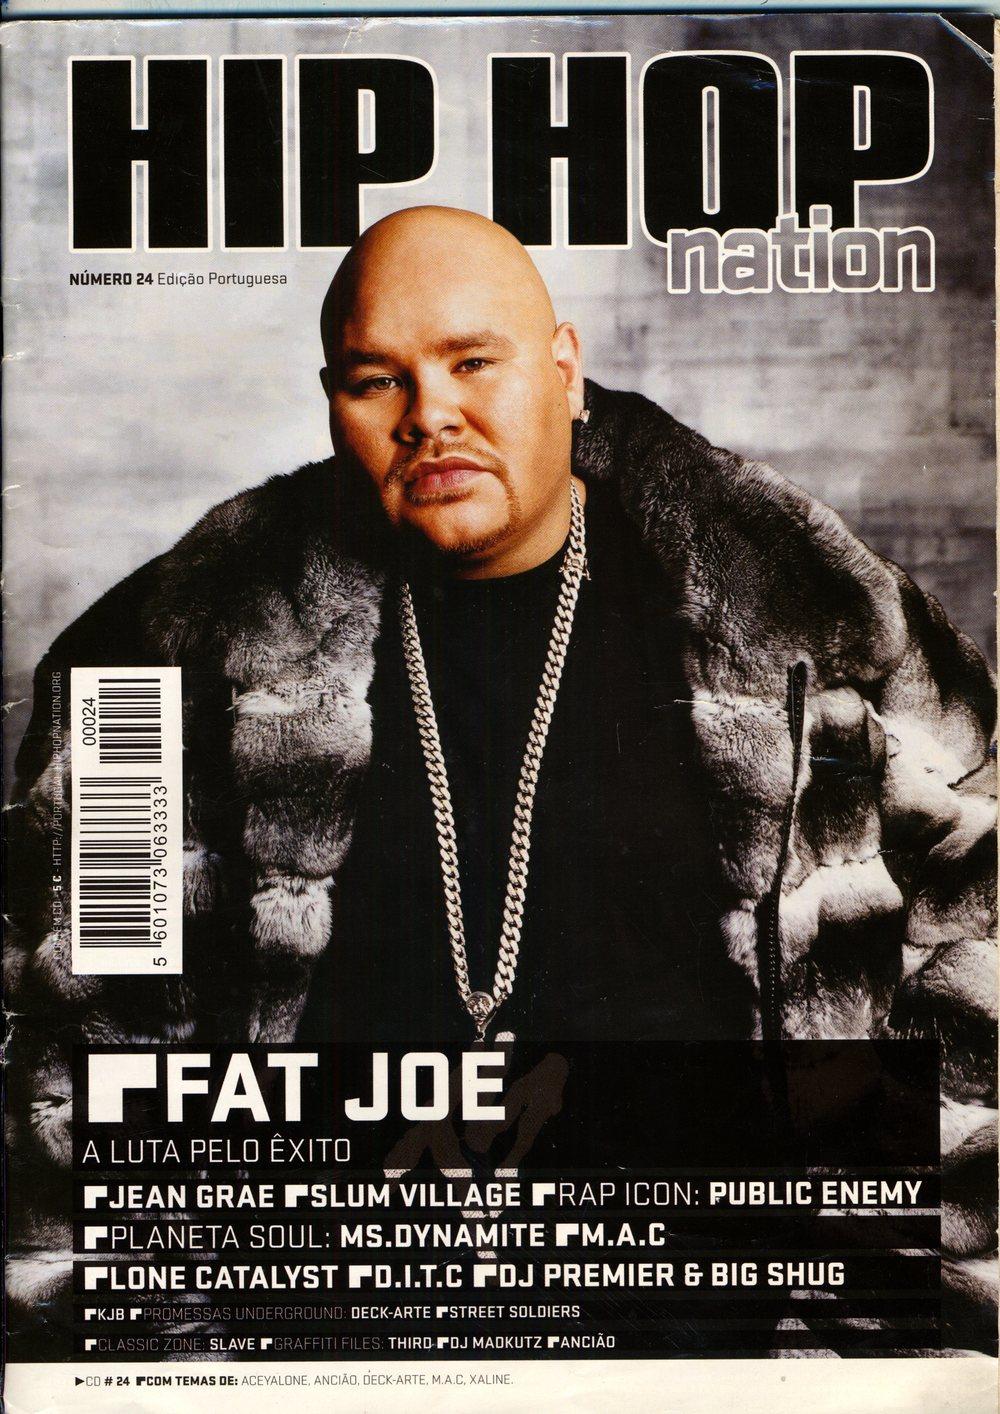 interview, fat joe, deck-arte, hiphop nation